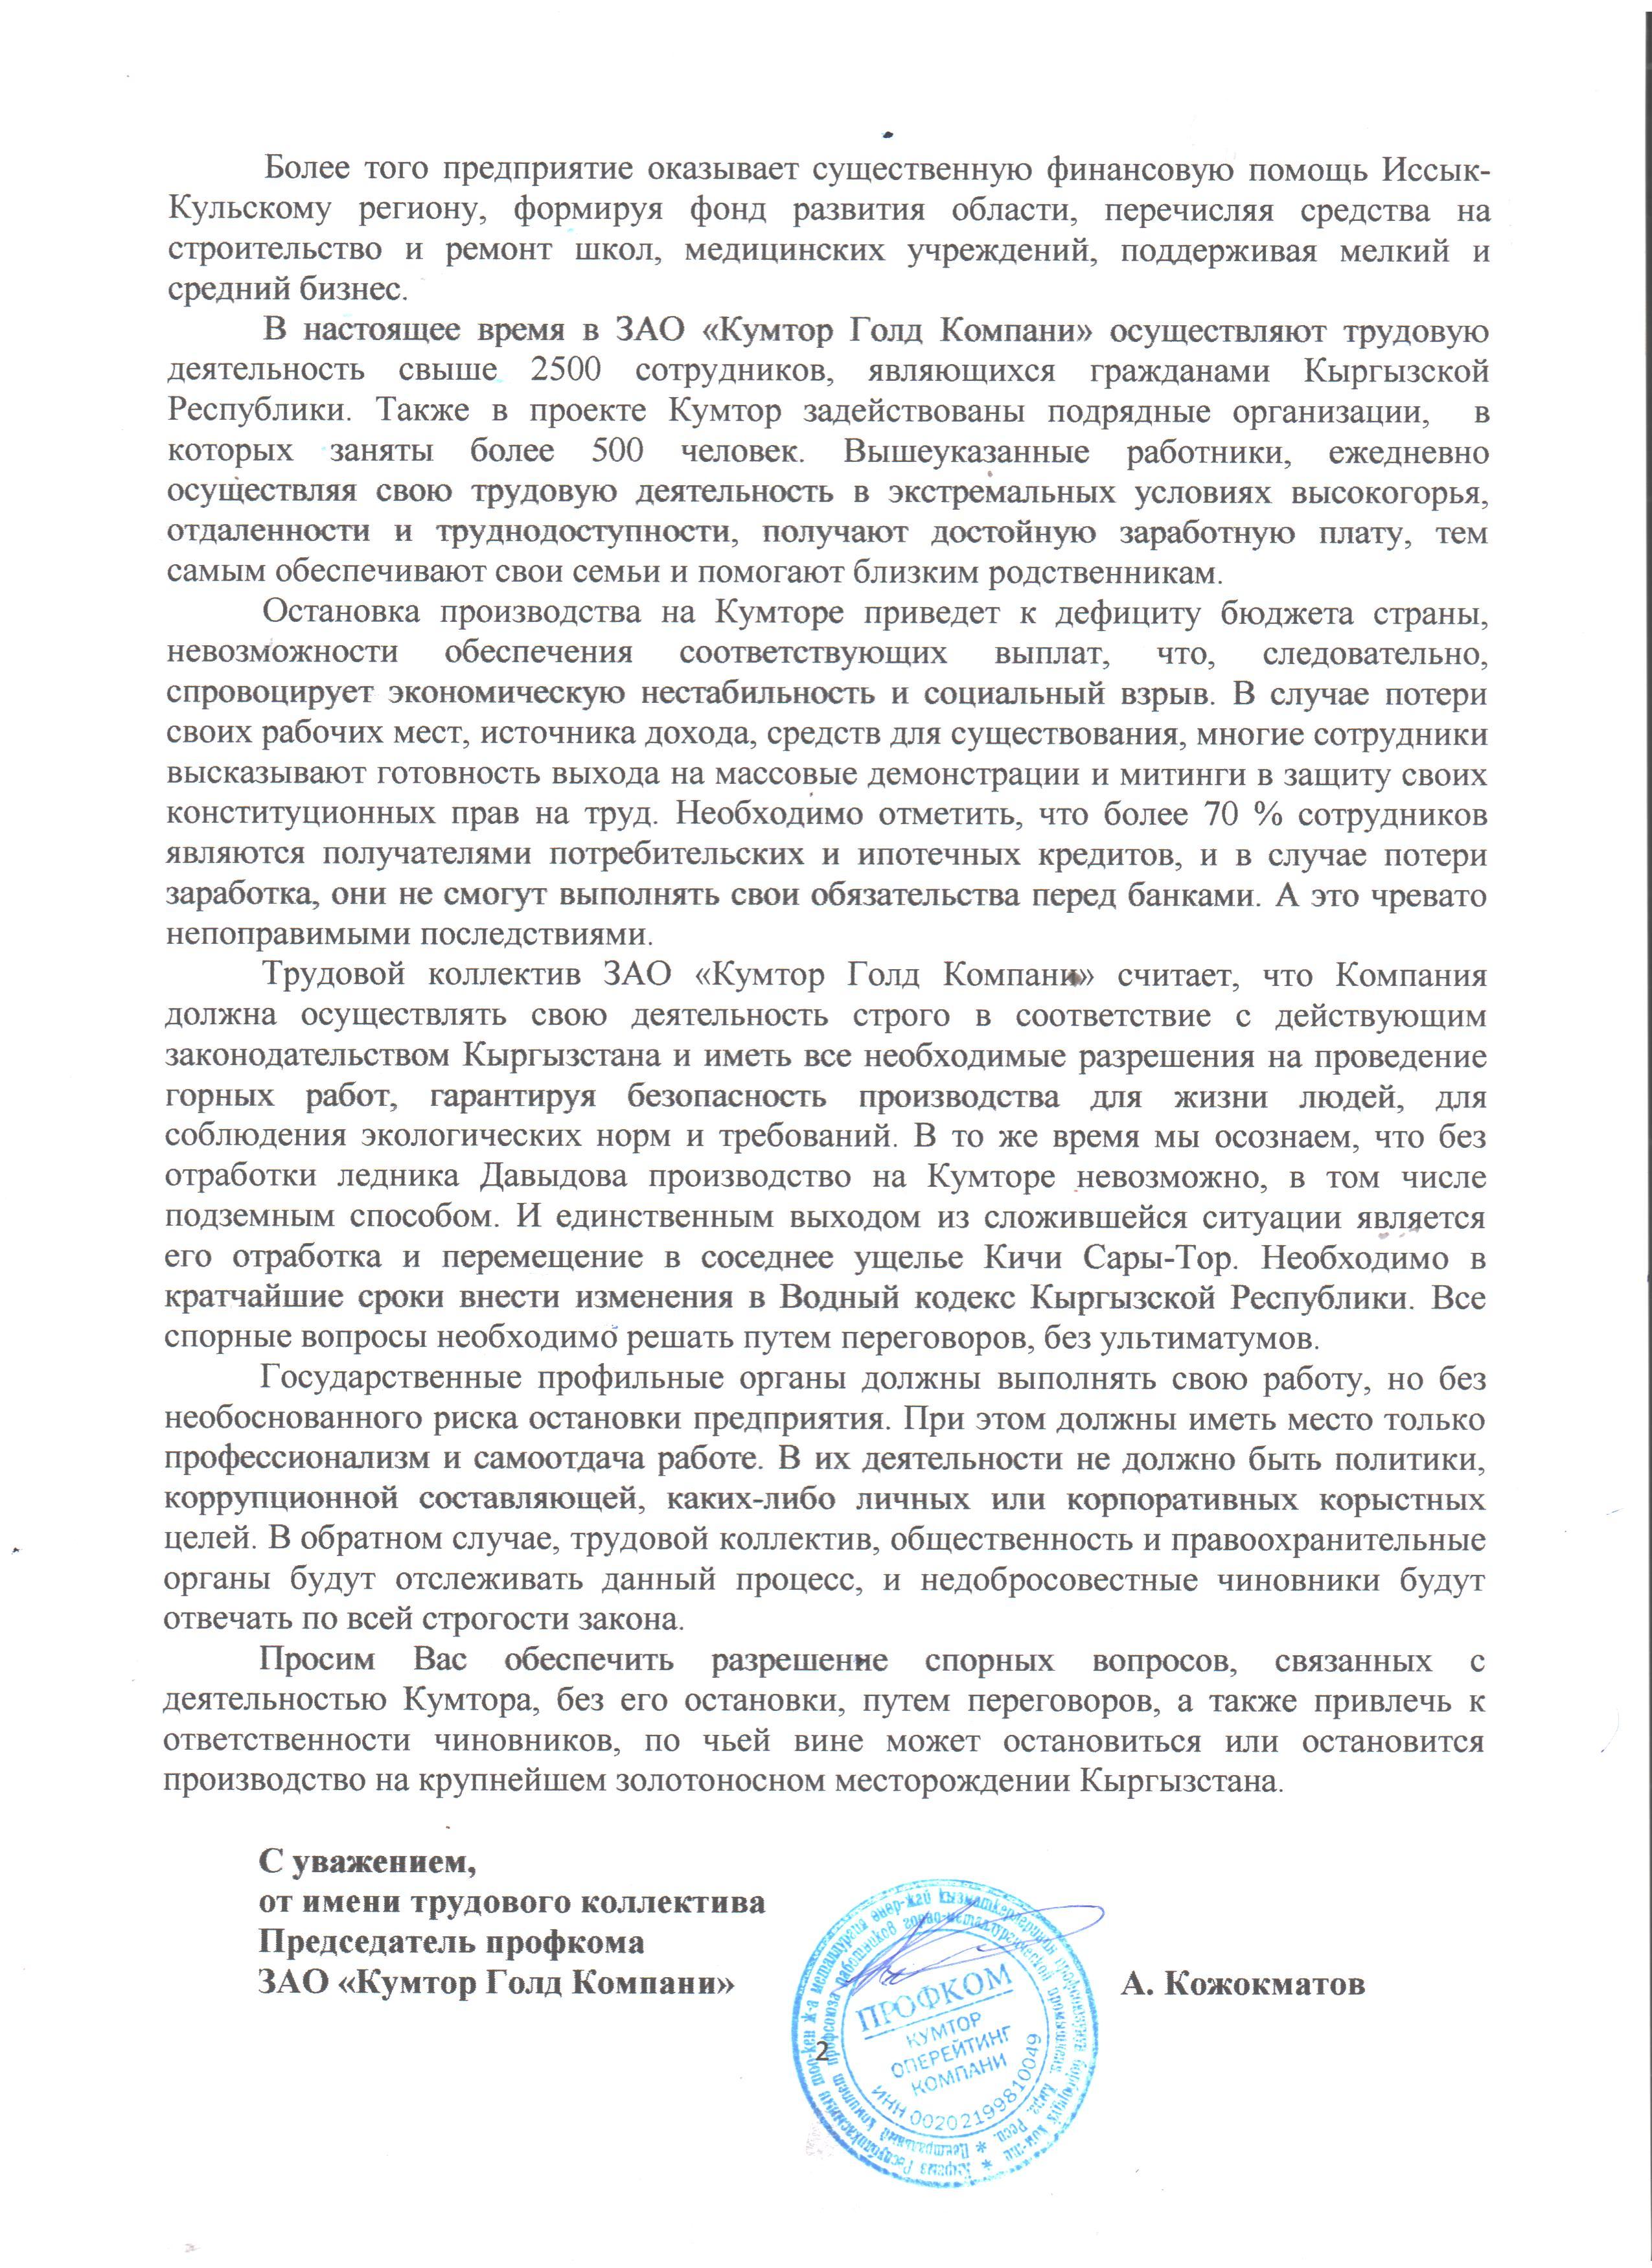 Обращение КОК 2 06.06.16г.